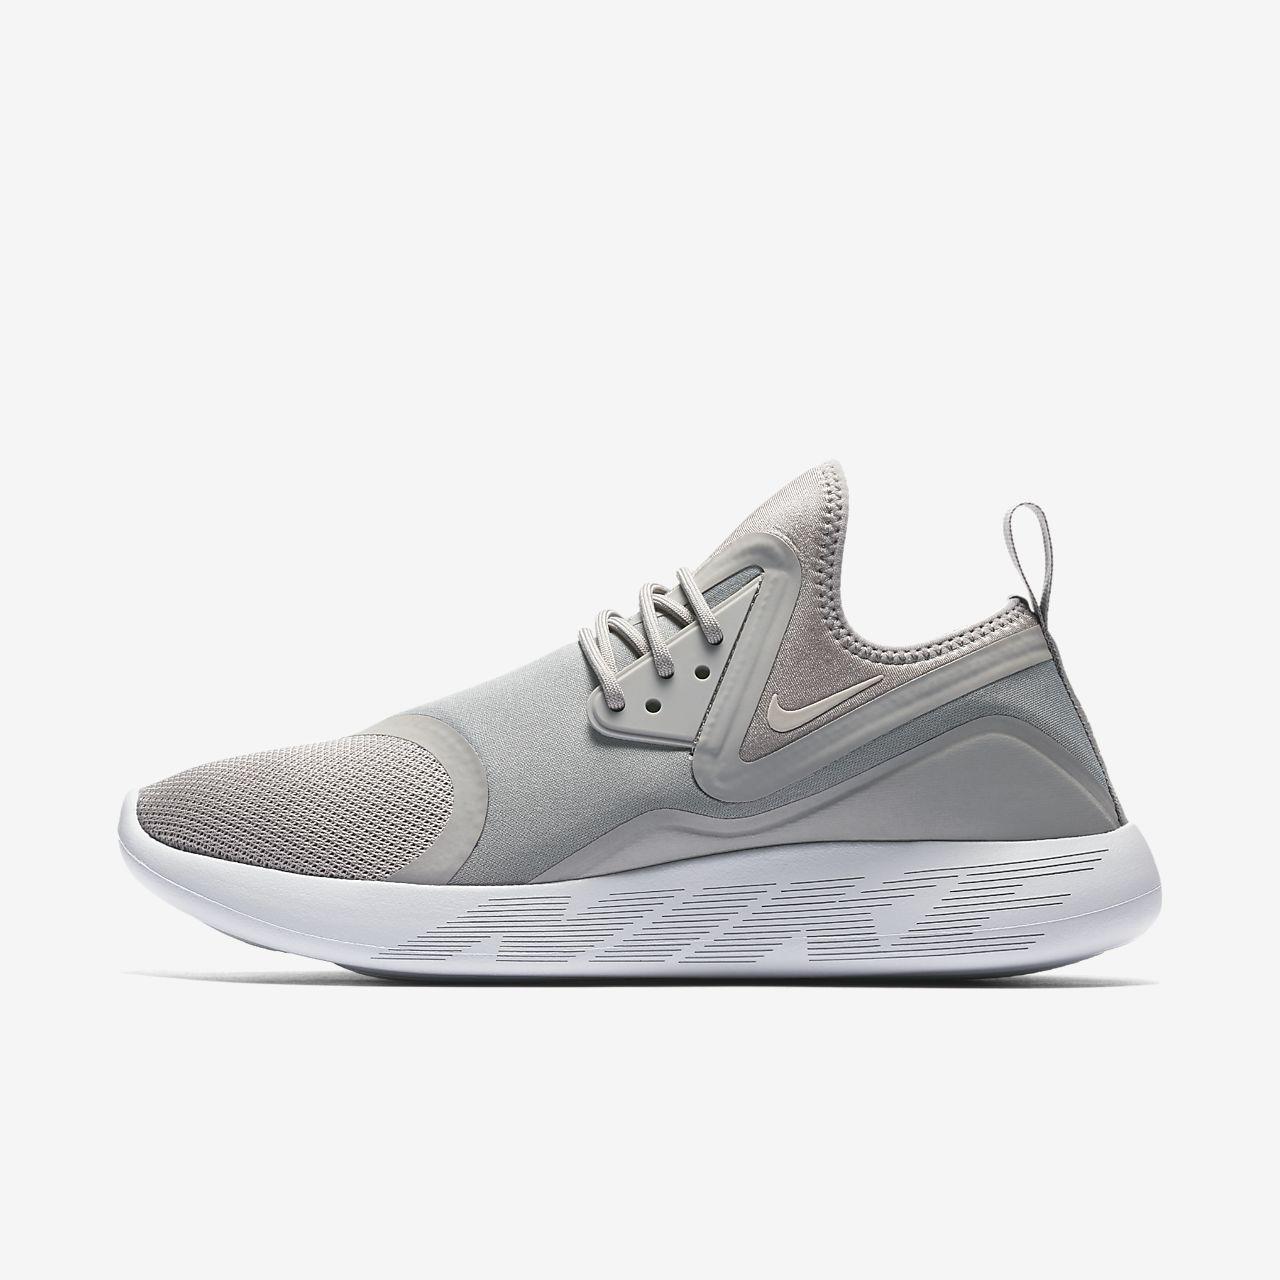 Nike AF1 Ultra Flyknit Medio Zapatillas Baloncesto, hombre - Palmera Verde / BLACK -blanco, 44